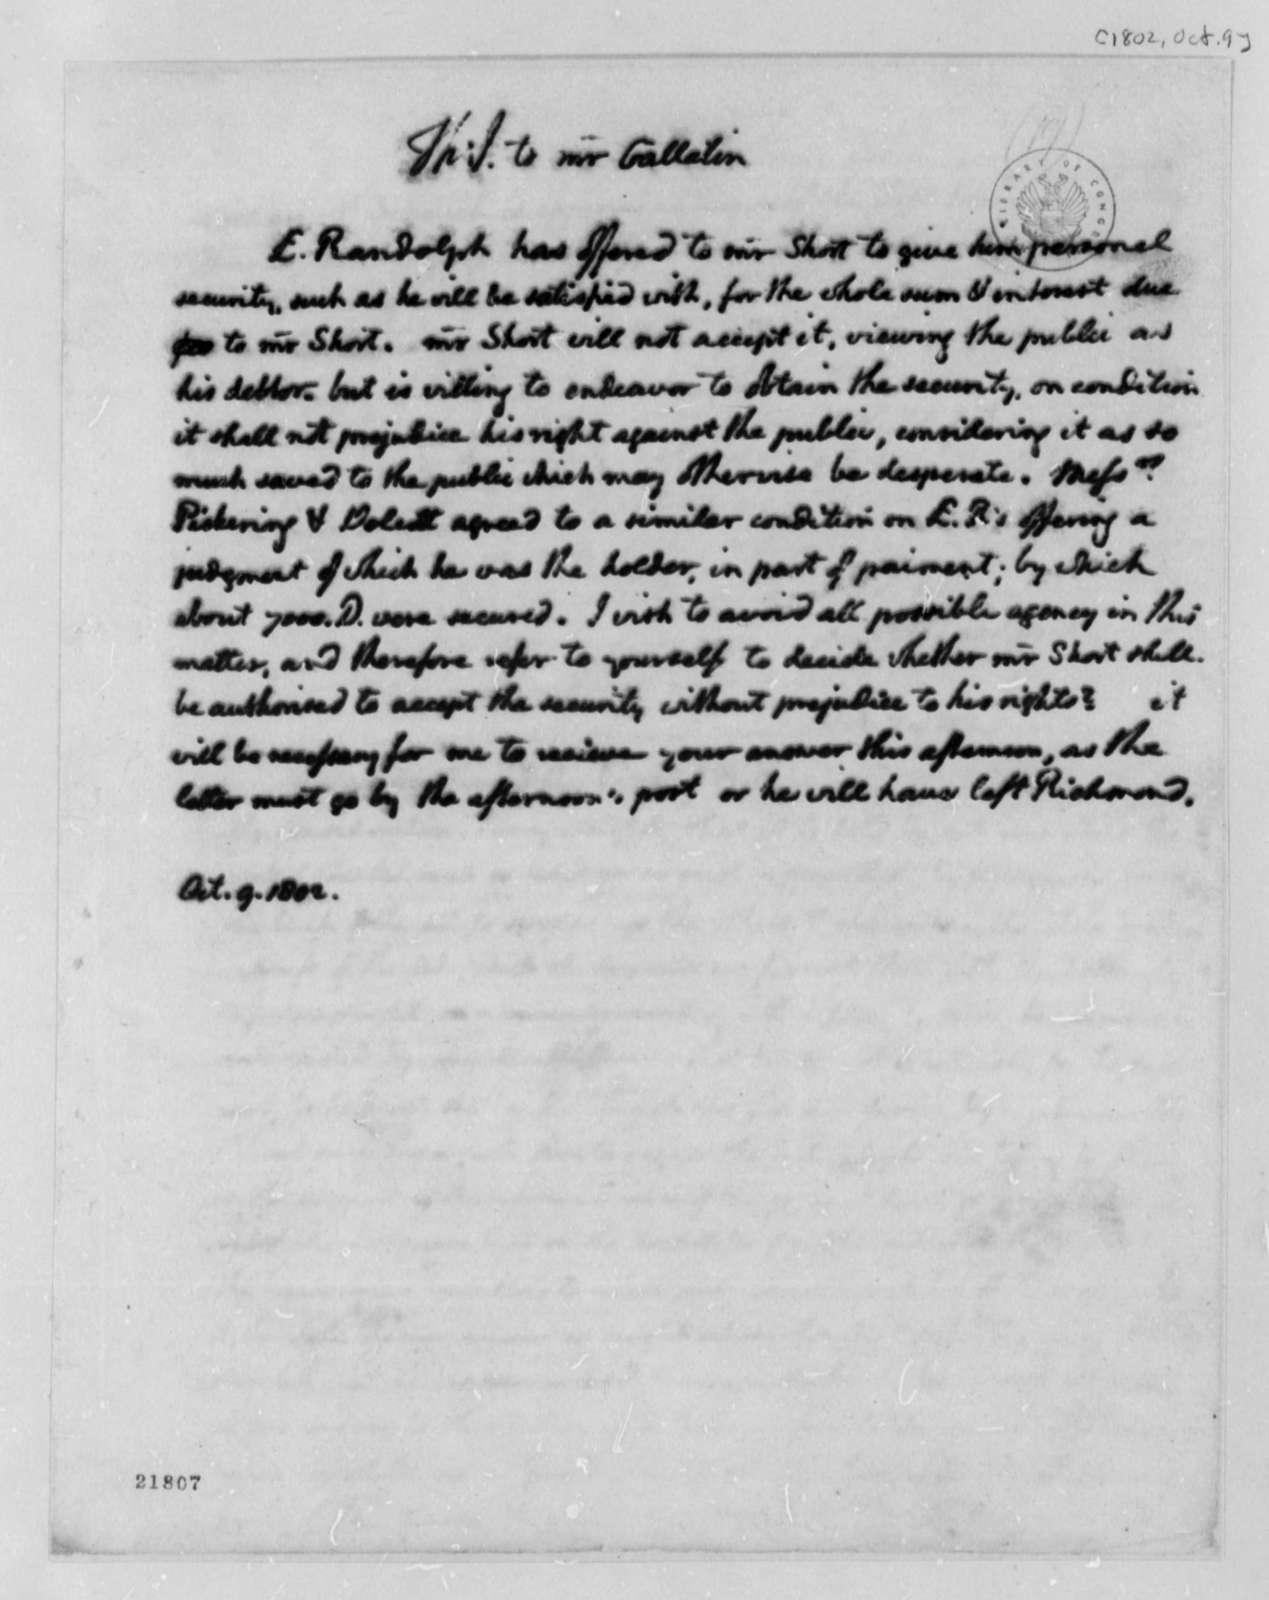 Thomas Jefferson to Albert Gallatin, October 9, 1802